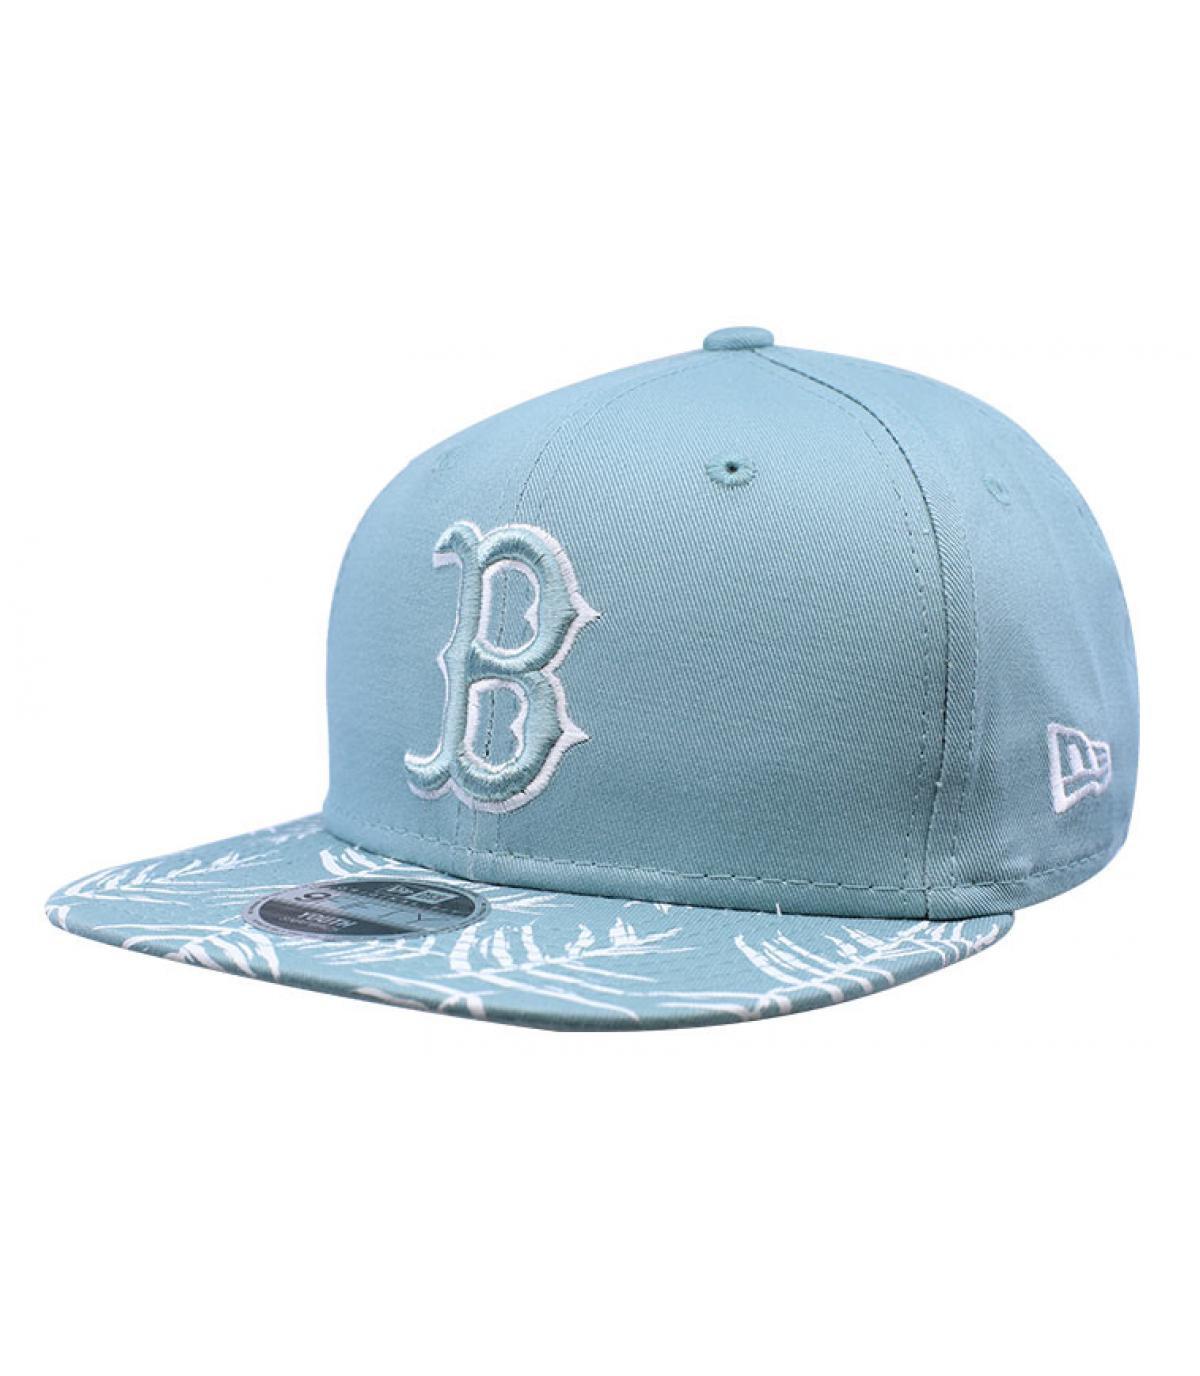 3f1be9b684c1b Snapback azul - Compra venta de Snapbacks azules. Primera sombrerería en  línea. Entrega en 48 72horas.